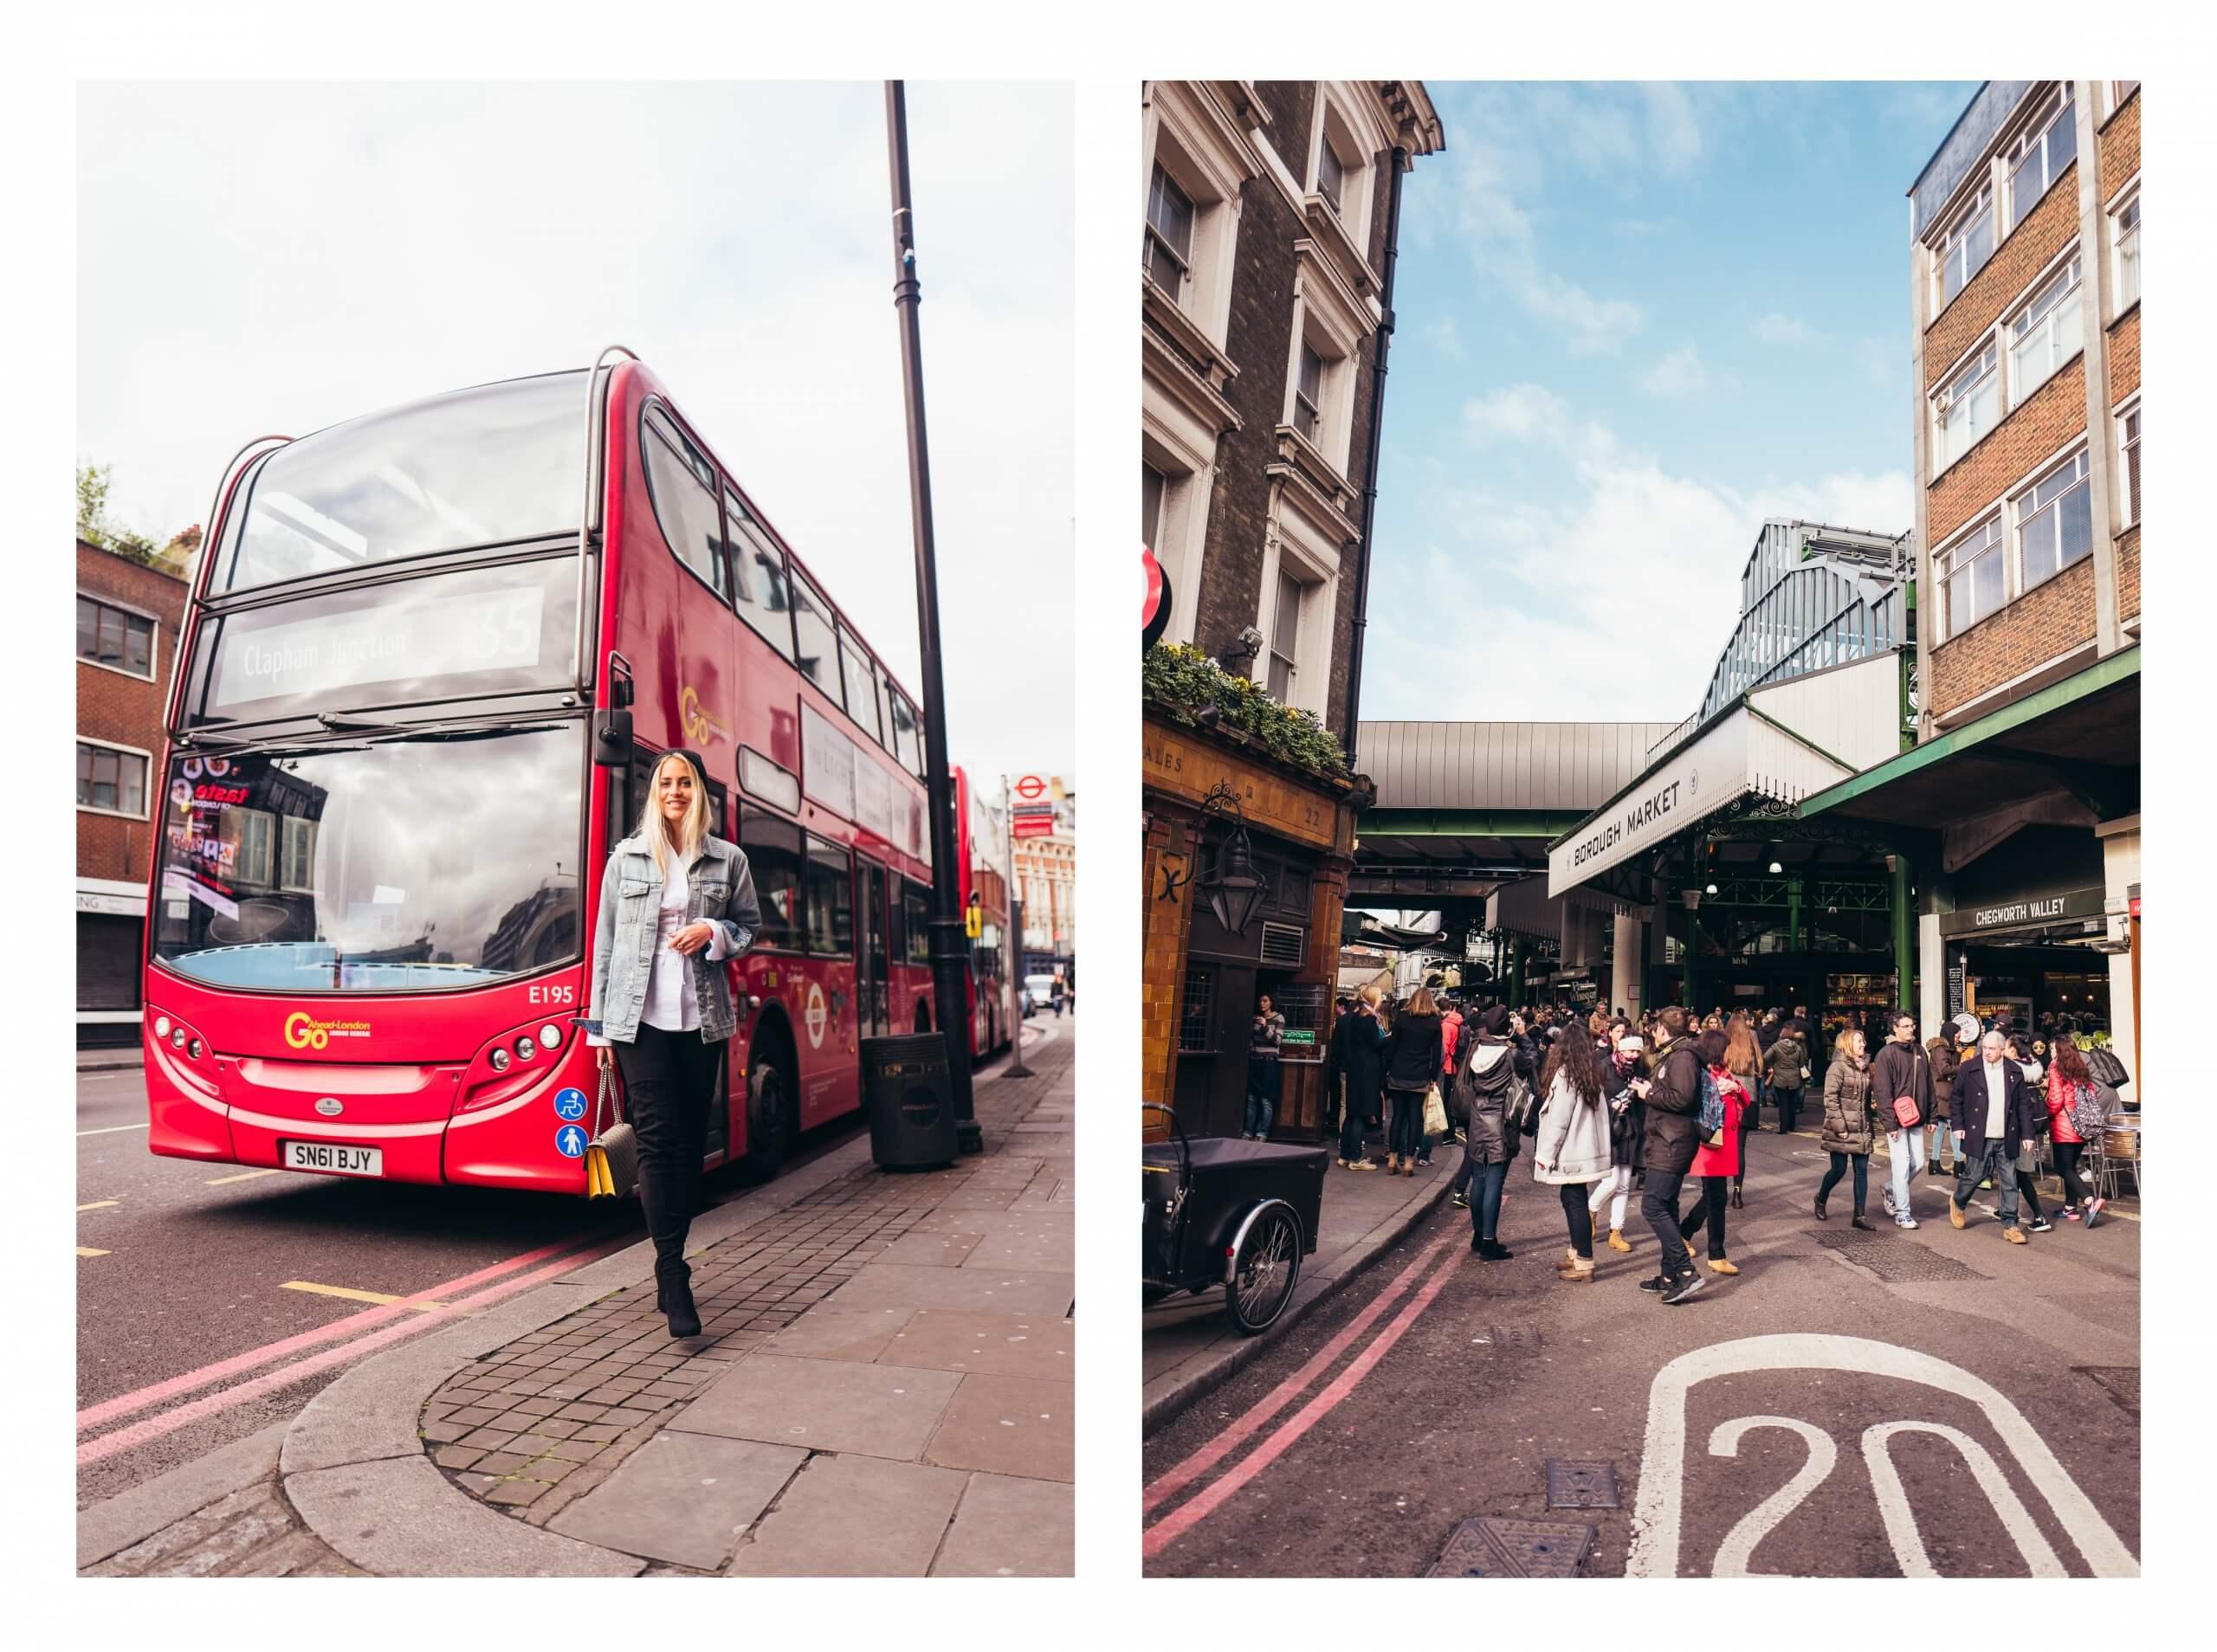 janni-deler-bourough-market-londonl1160269-copy